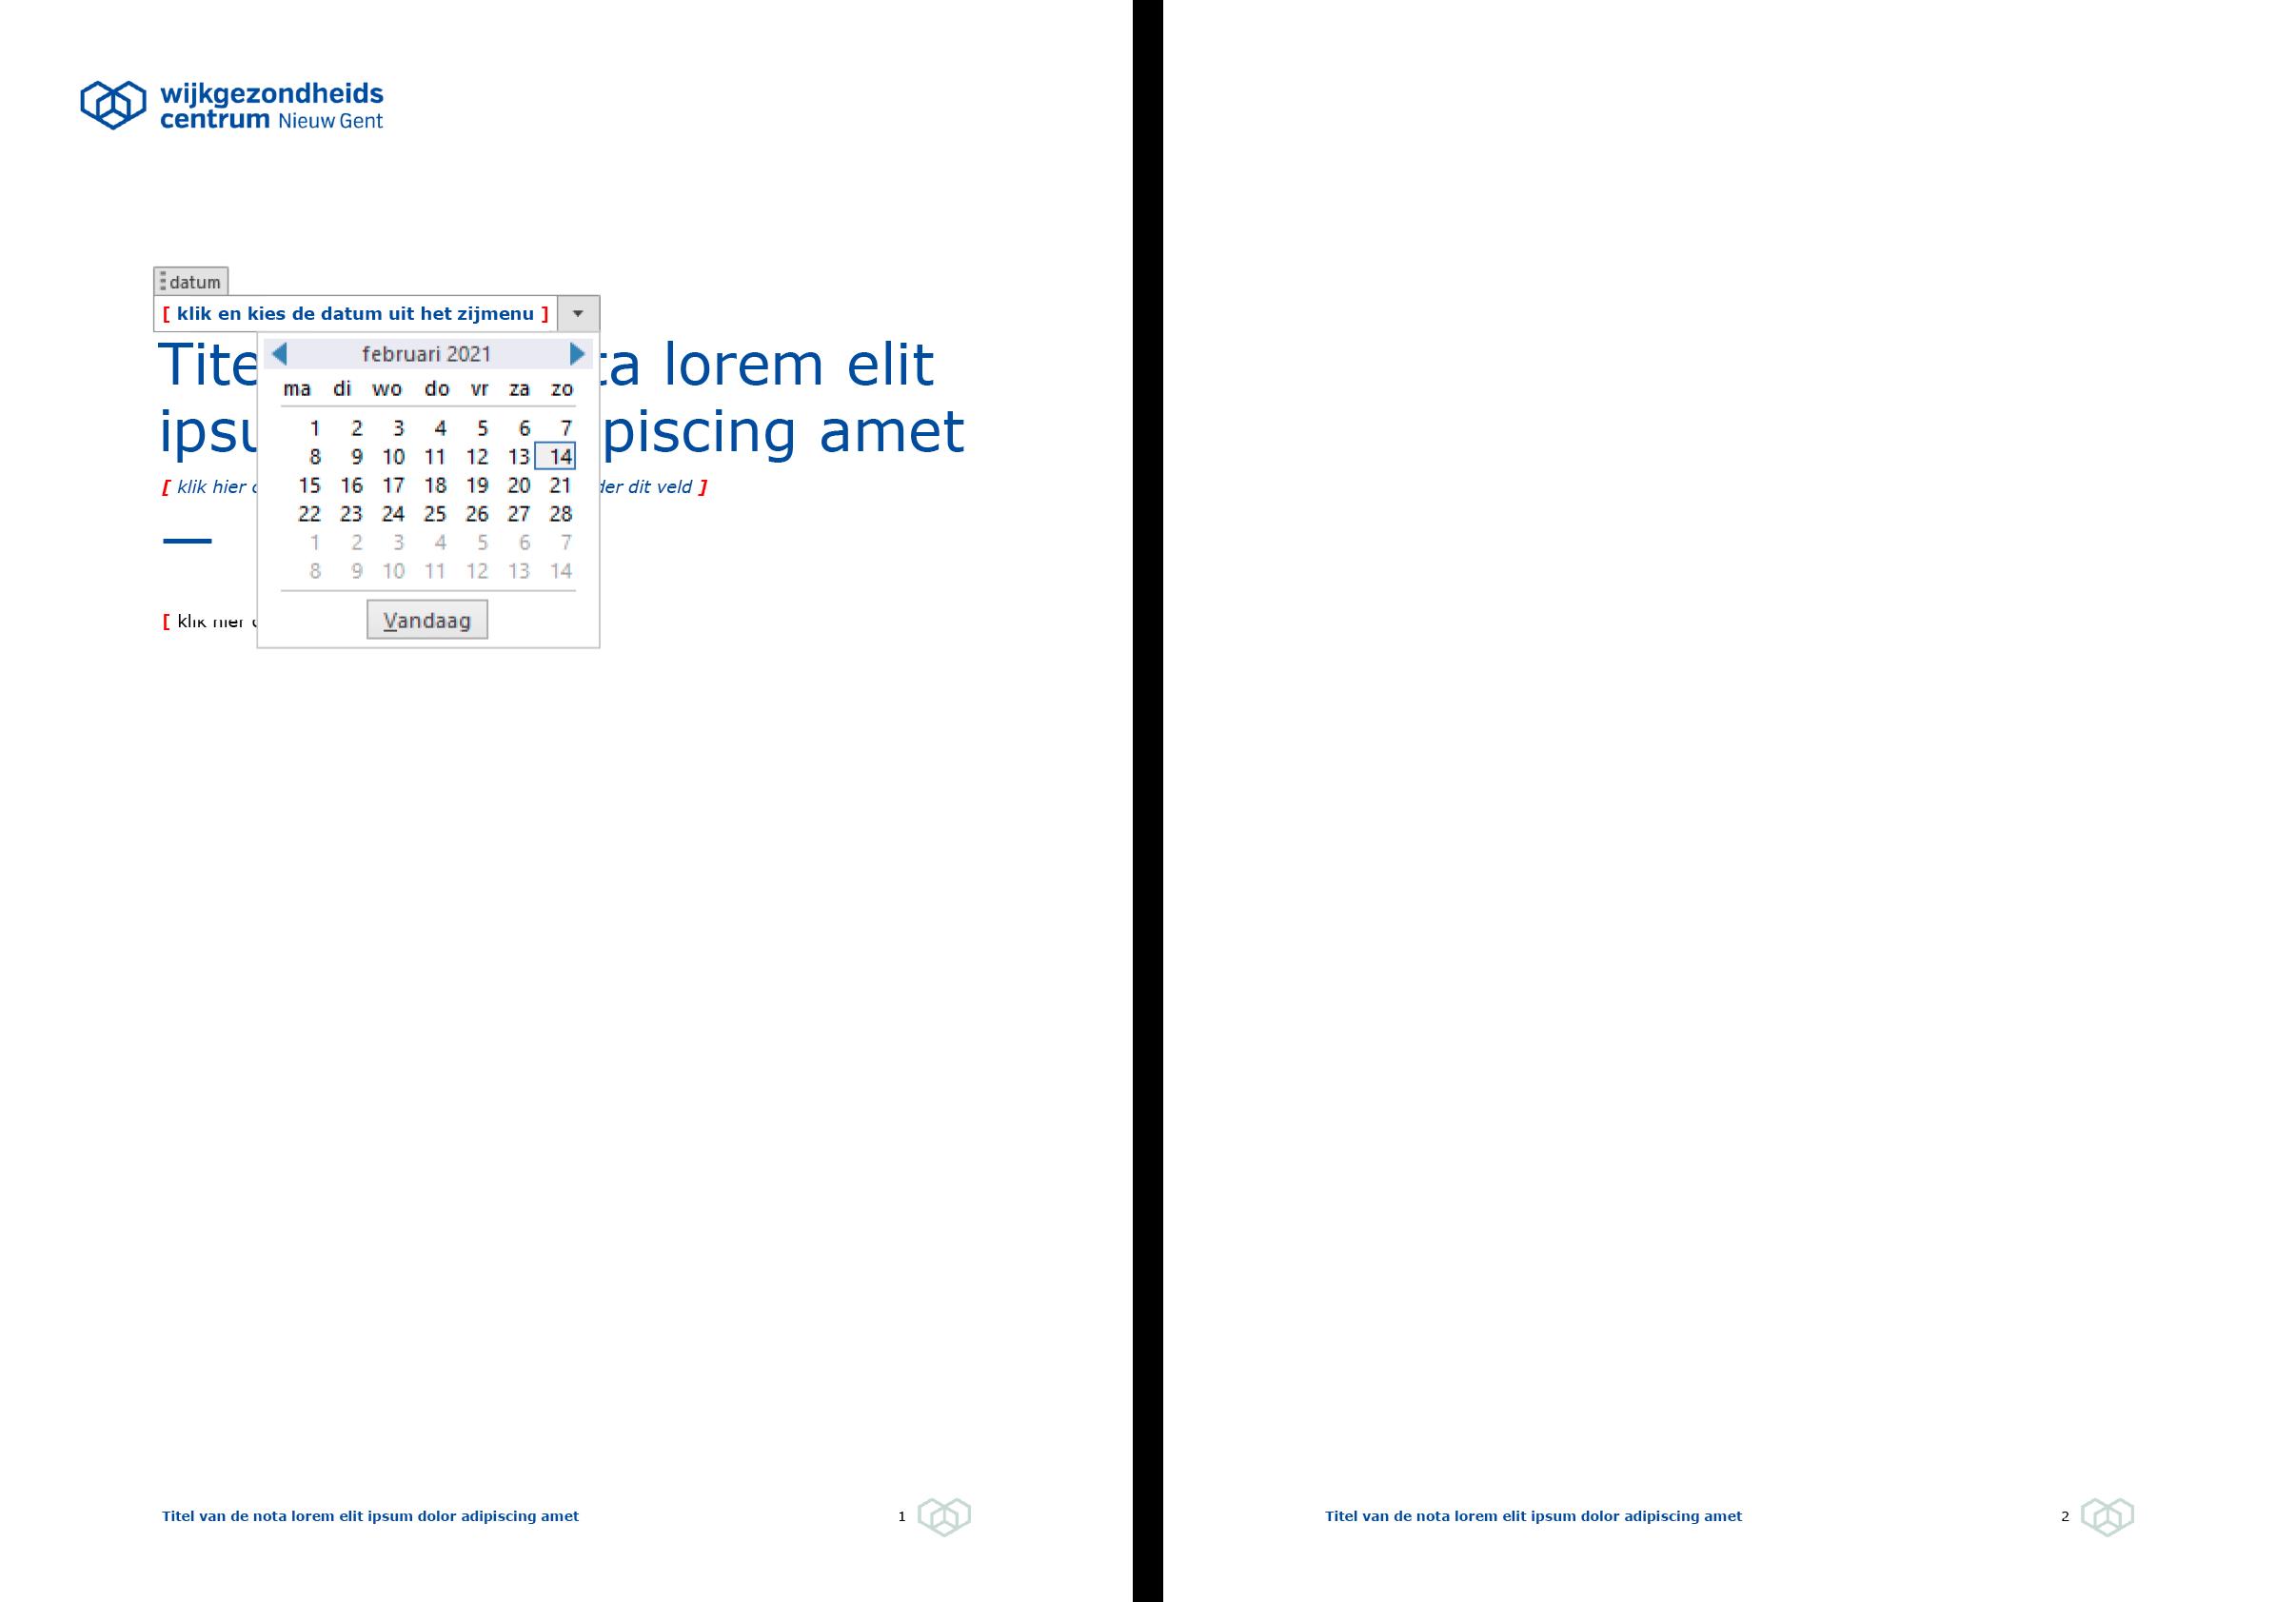 Een datumveld met kalender vereenvoudigt de invoer van de datum. Microsoft Word-sjabloon voor WGC Nieuw Gent.